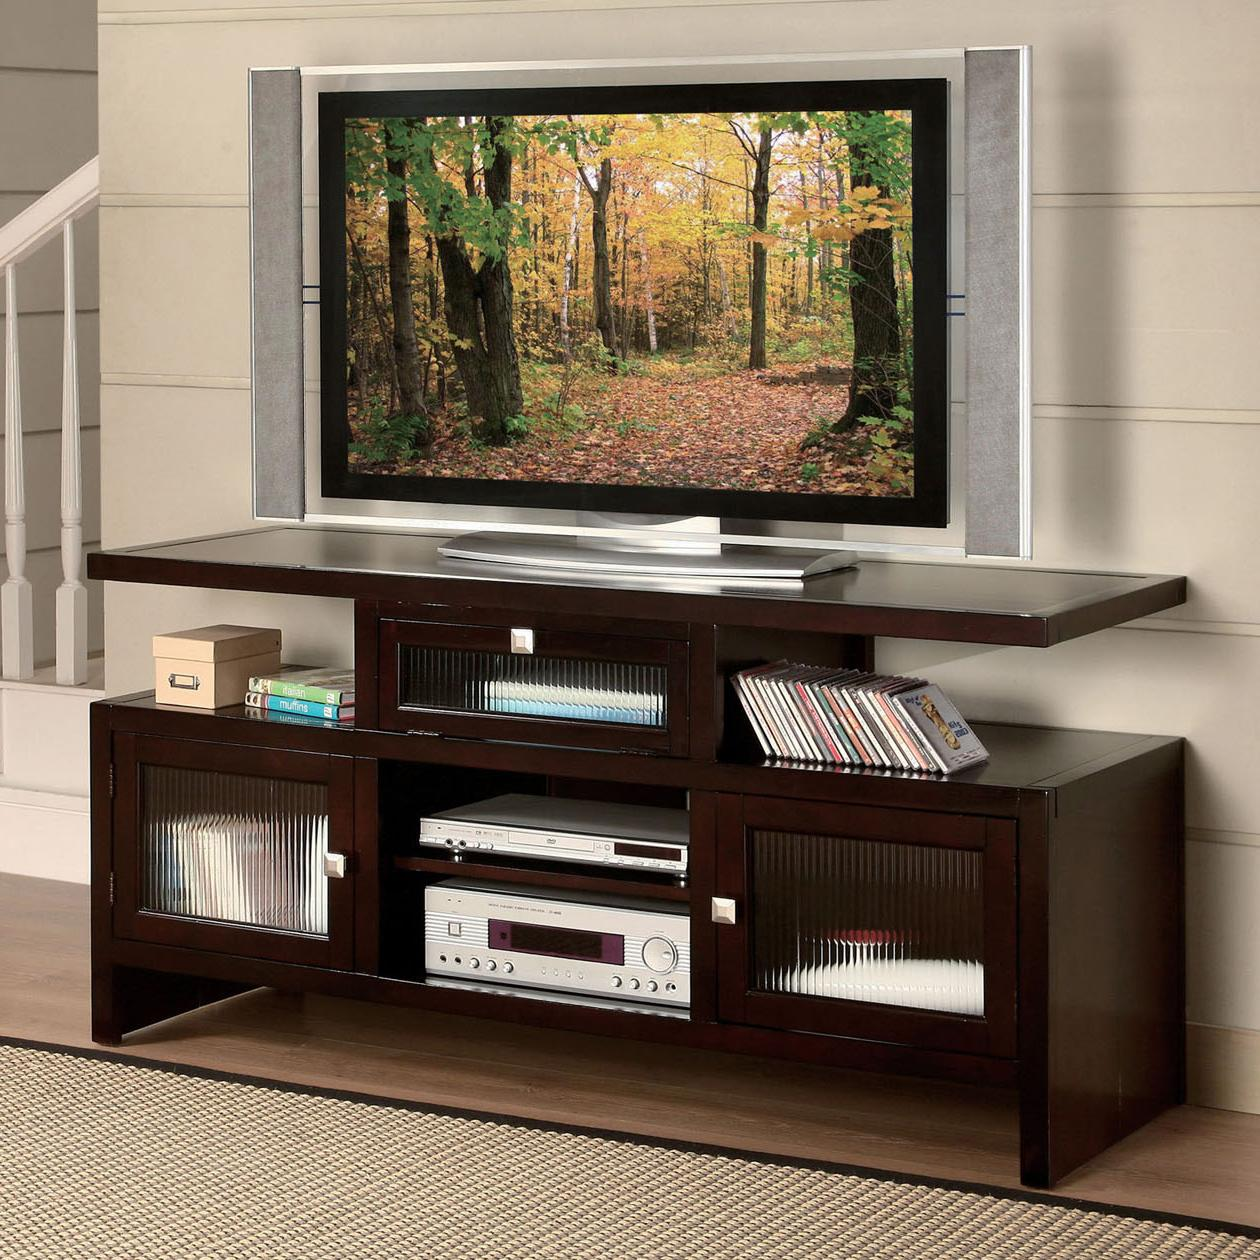 Acme Furniture Jupiter Folding TV Stand - Item Number: 10122